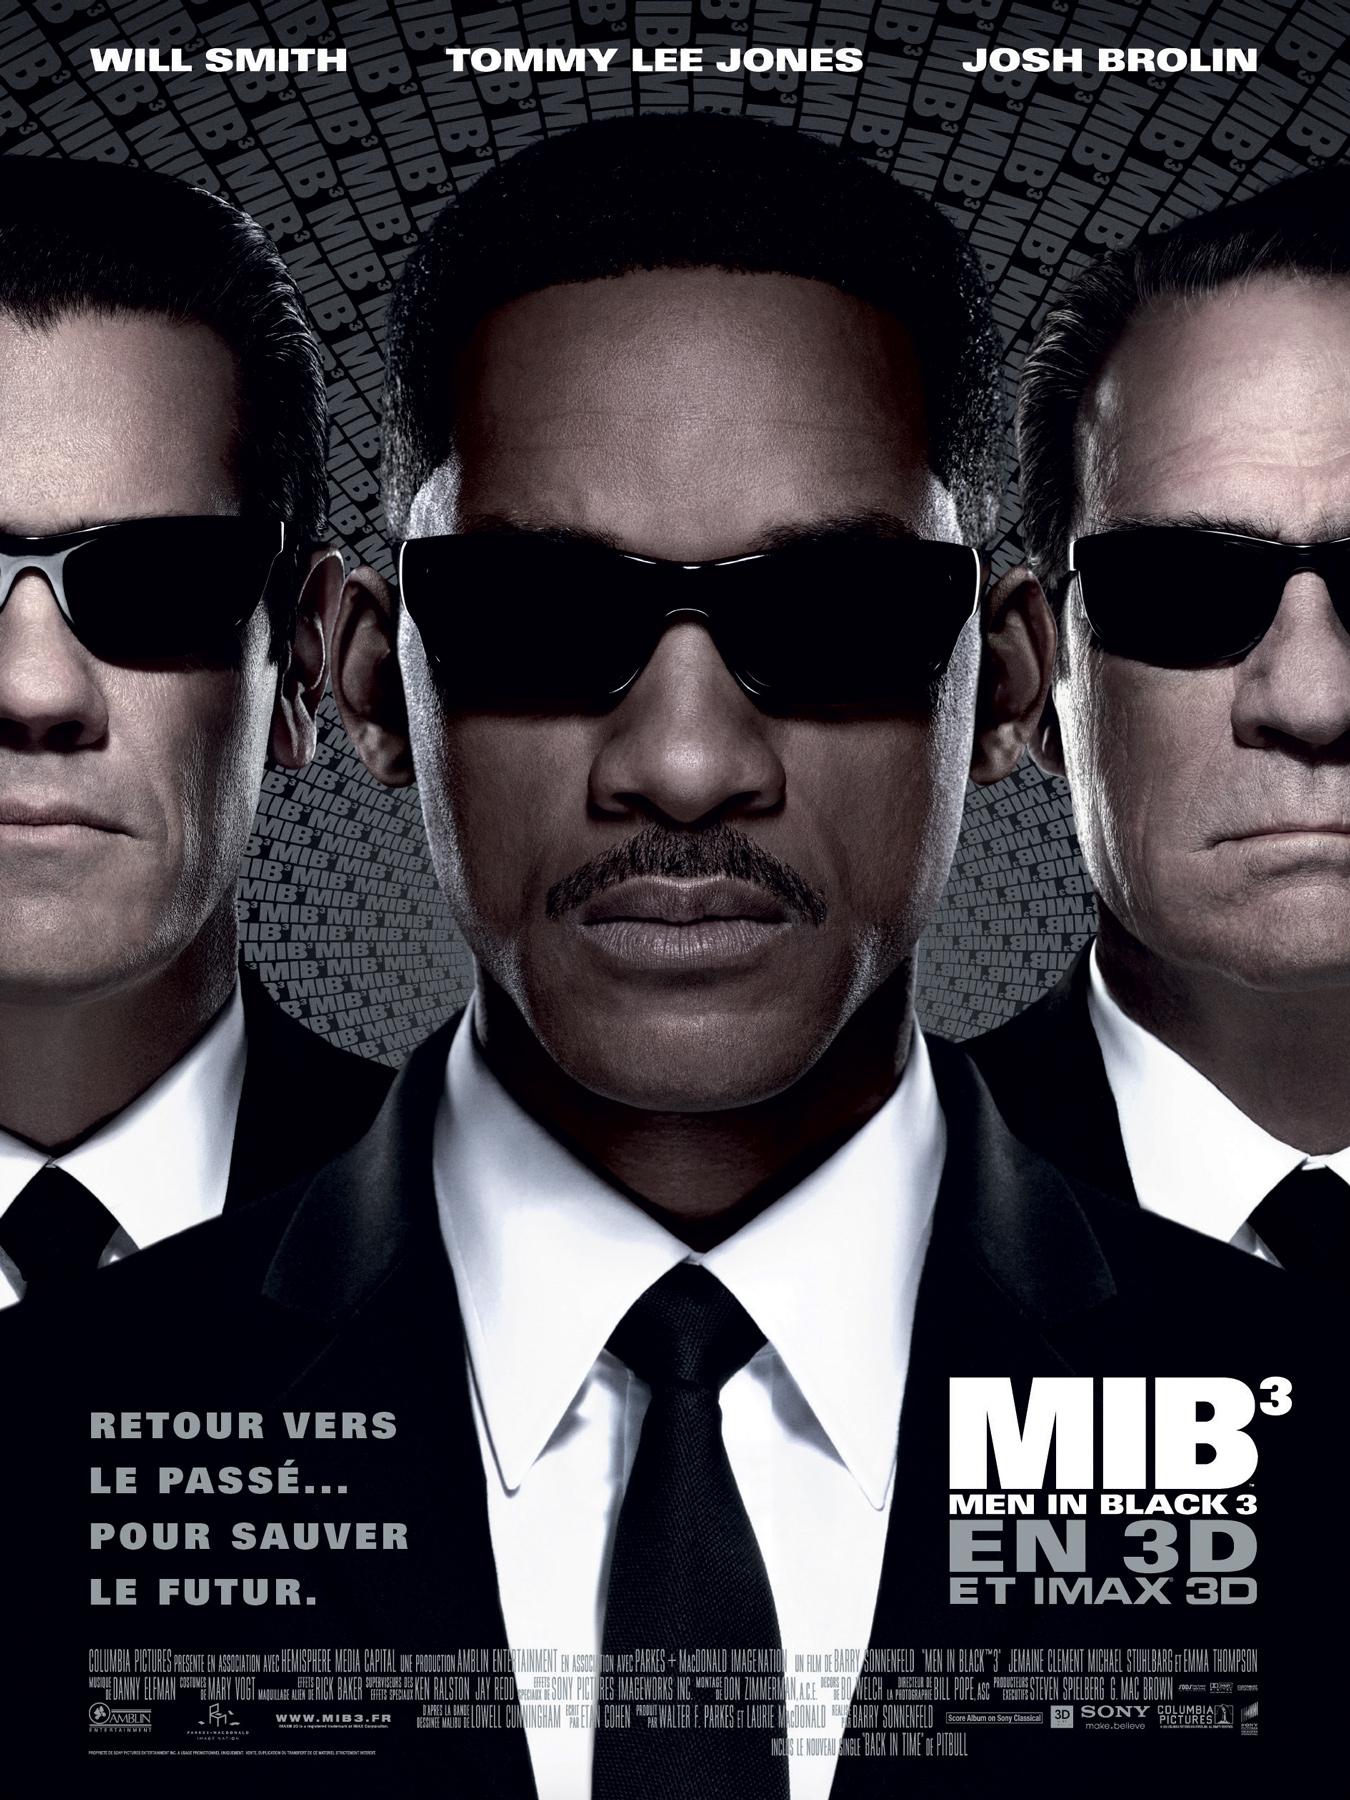 Men-In-Black-3-Affiche-France-2